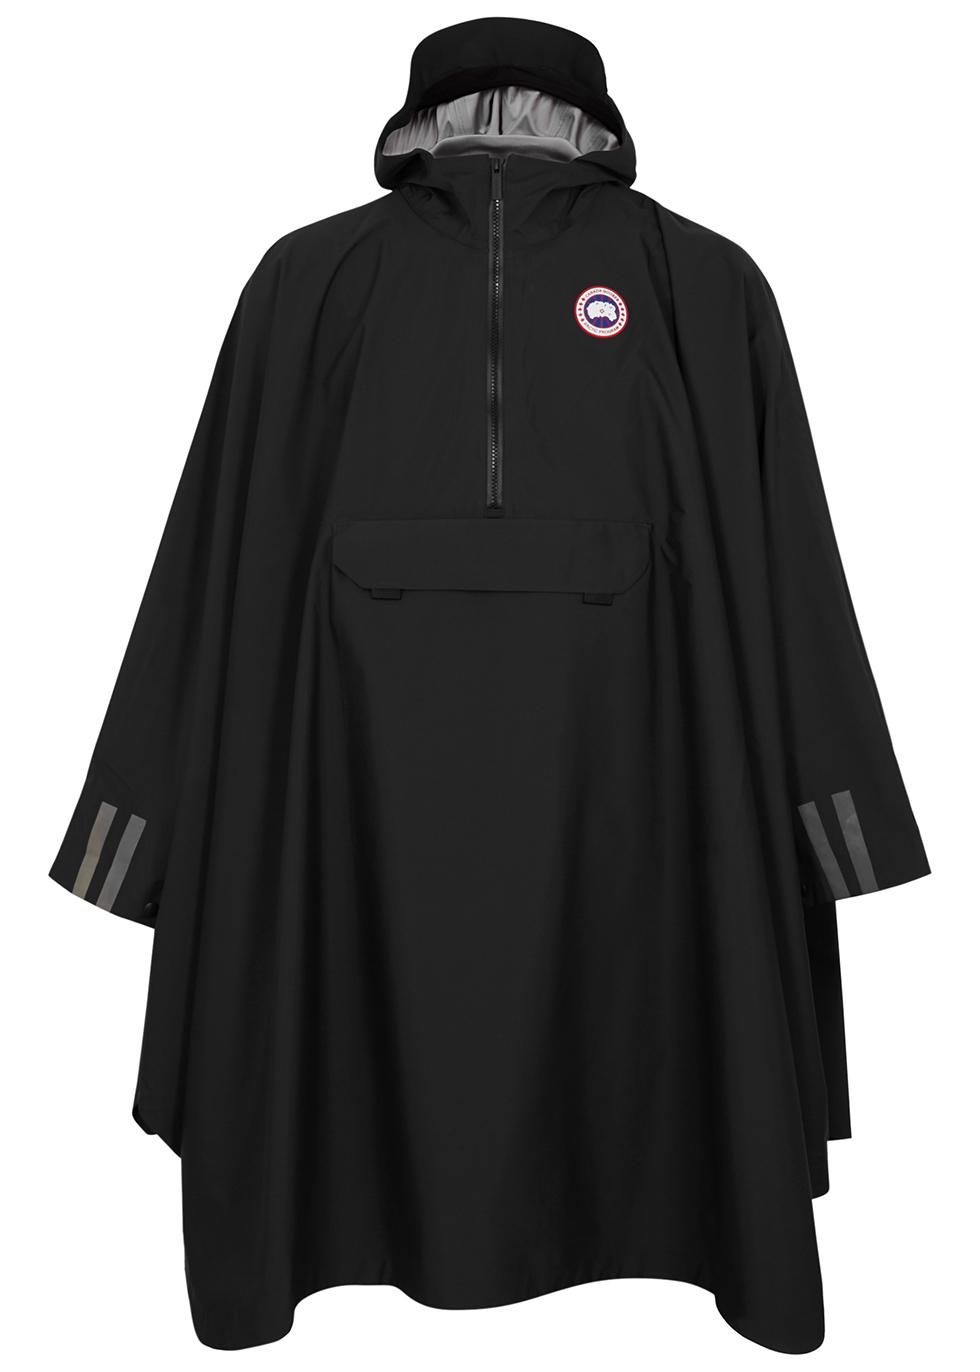 75a669db1 Canada Goose - Designer Jackets   Coats - Harvey Nichols